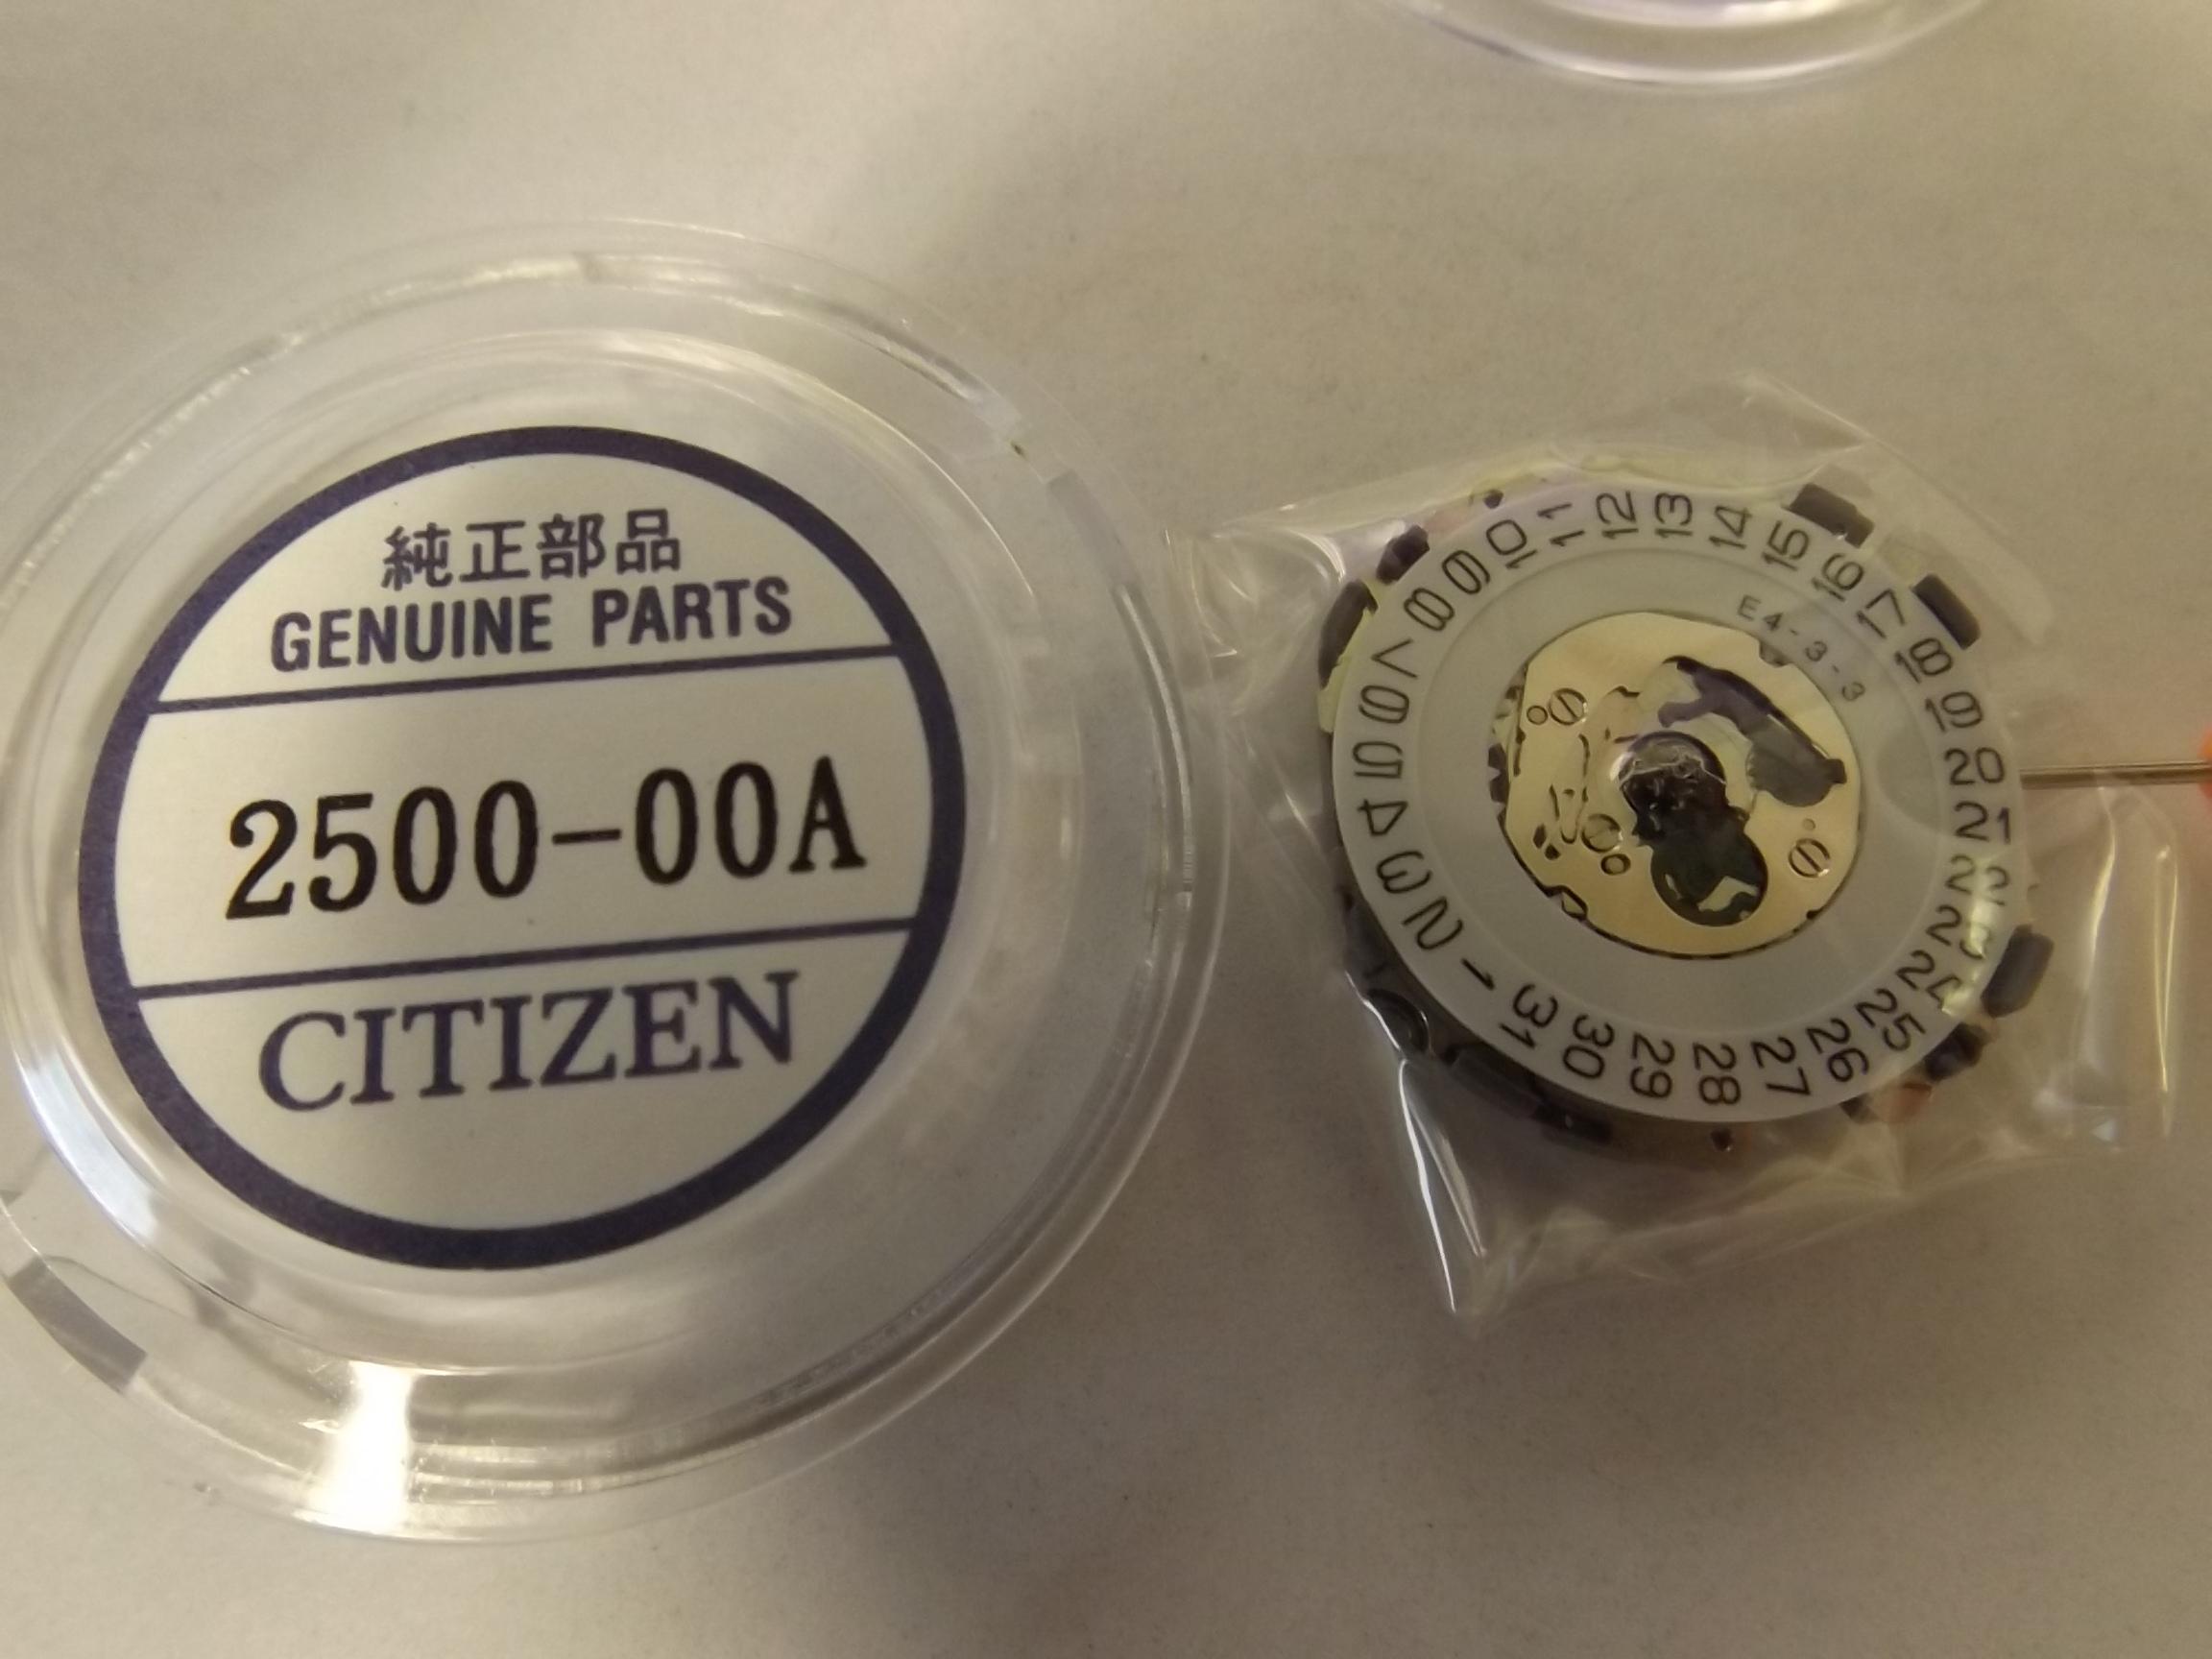 CIT2500 Quartz Watch Movement Date @3 - Citizen